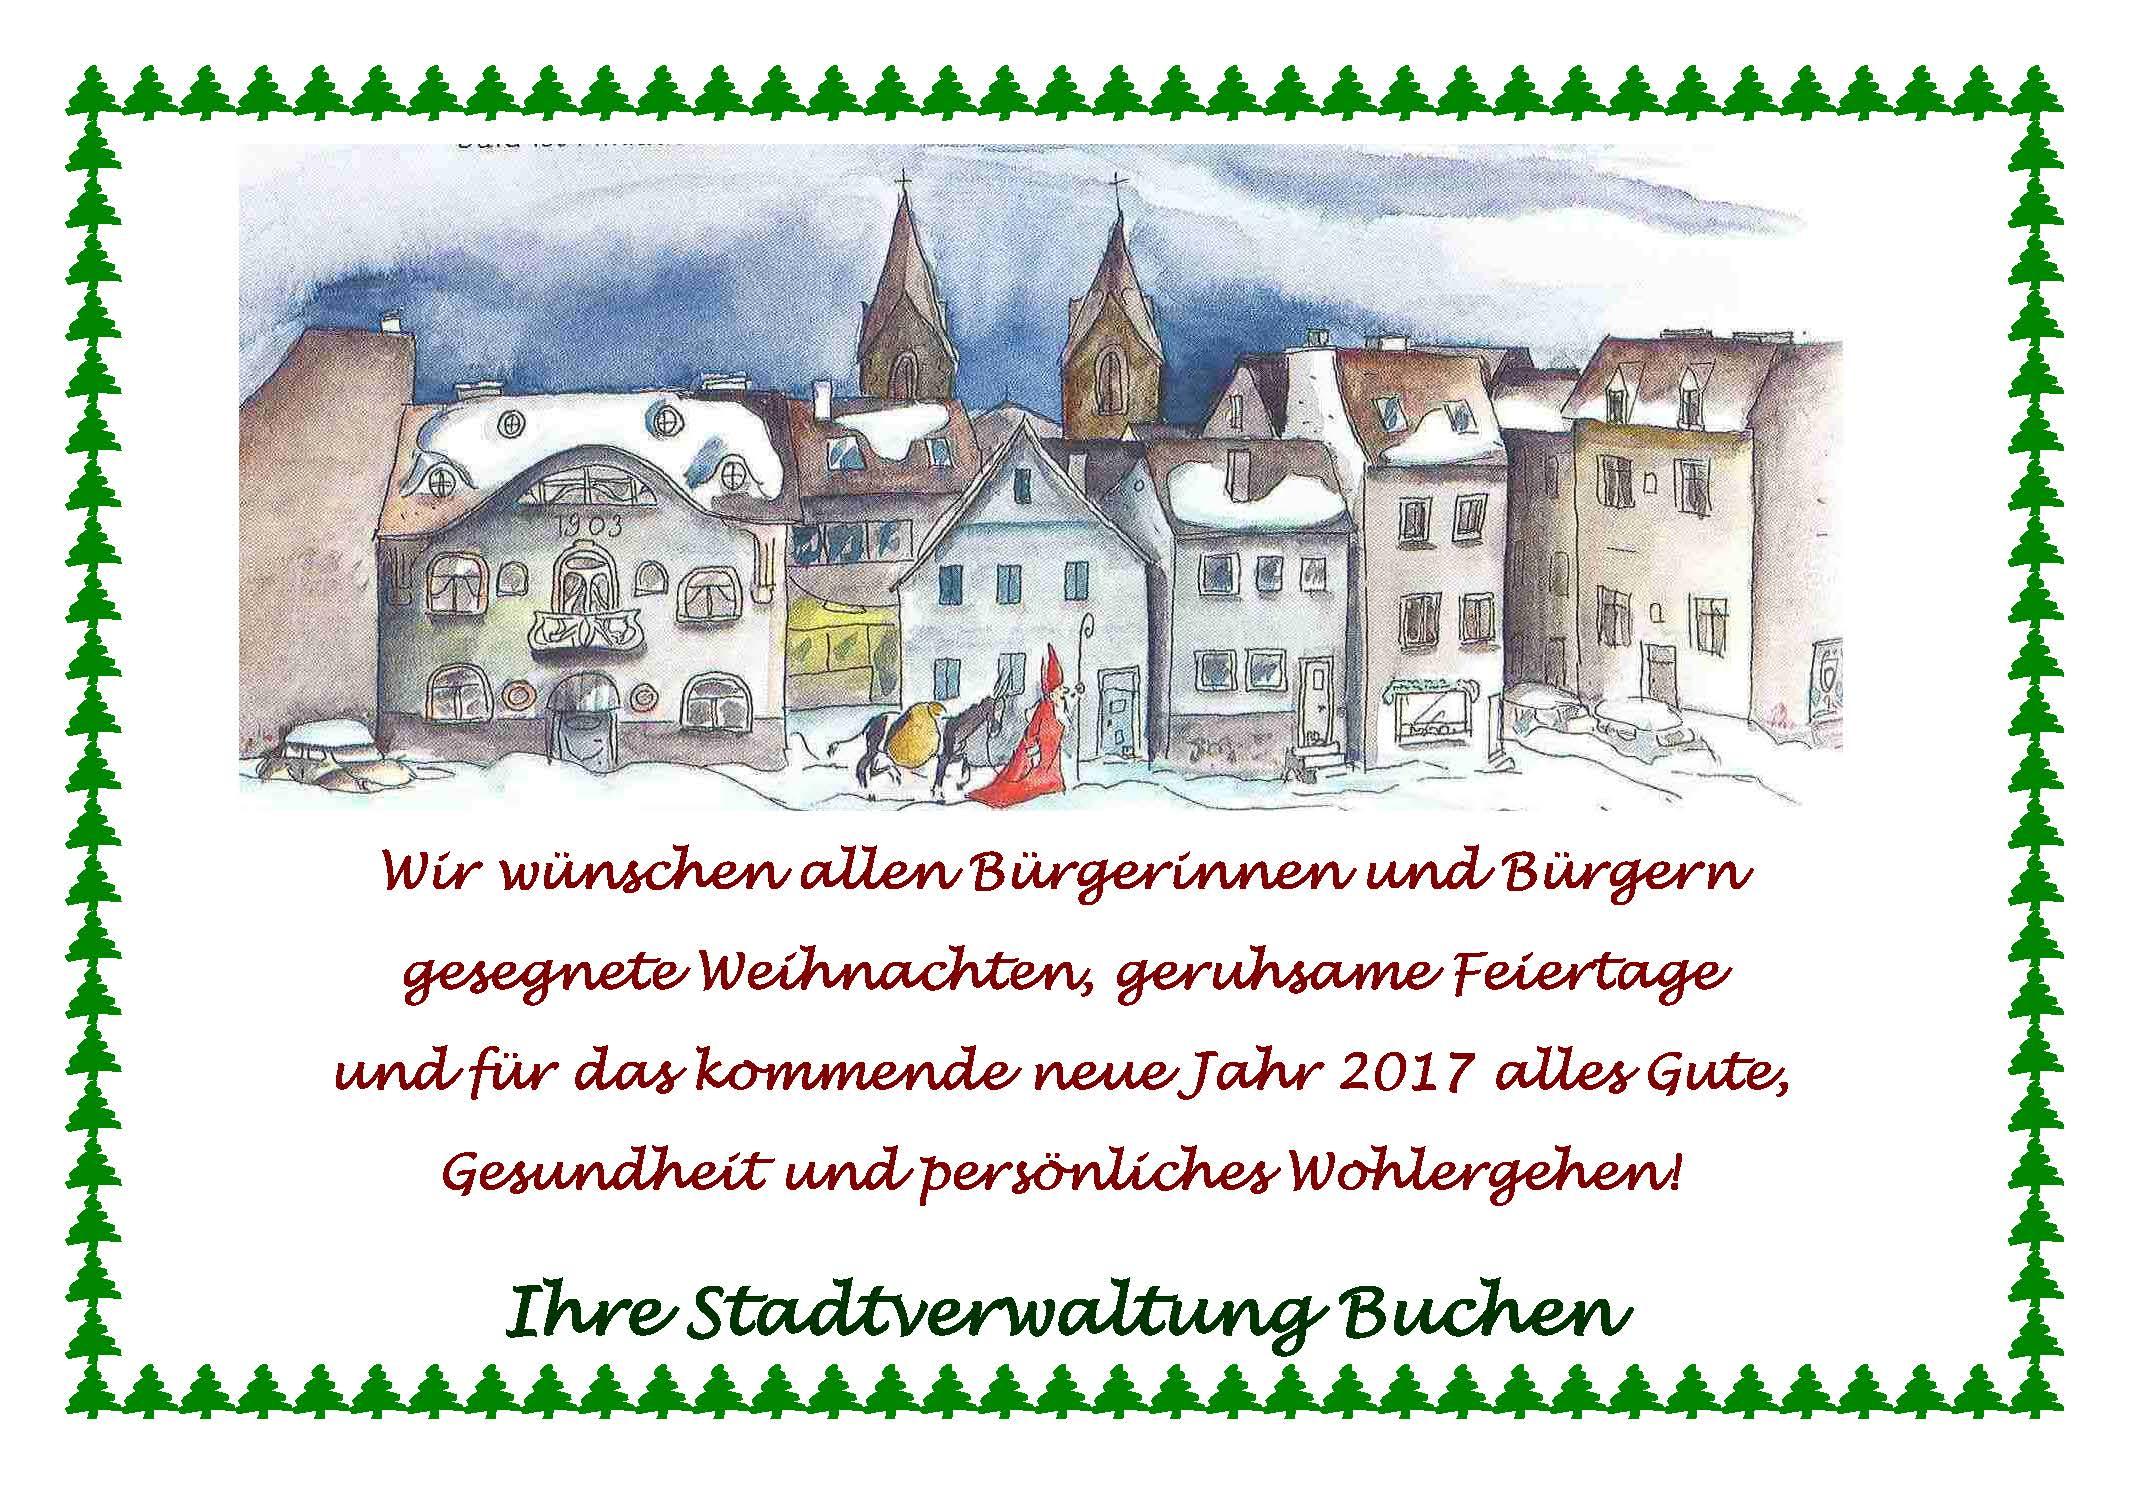 Aushang_Weihnachtsfeiertage__-_Frohe_Weihnachten_2017_Seite_2.jpg - 412,53 kB